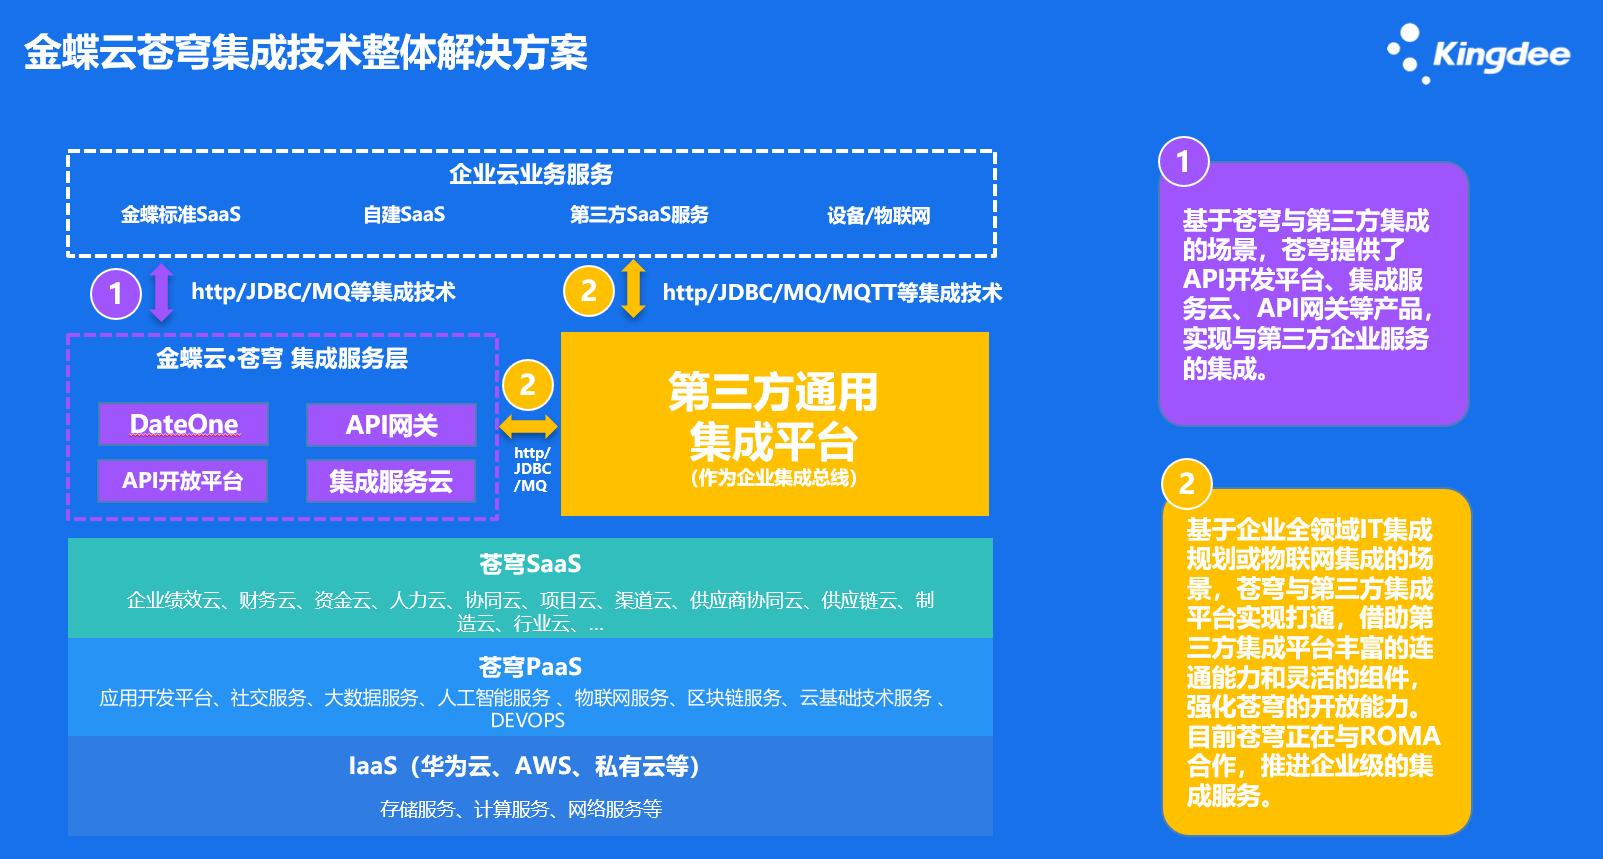 【正式版本】苍穹V2.0.031.11发版说明(2020.07.16)